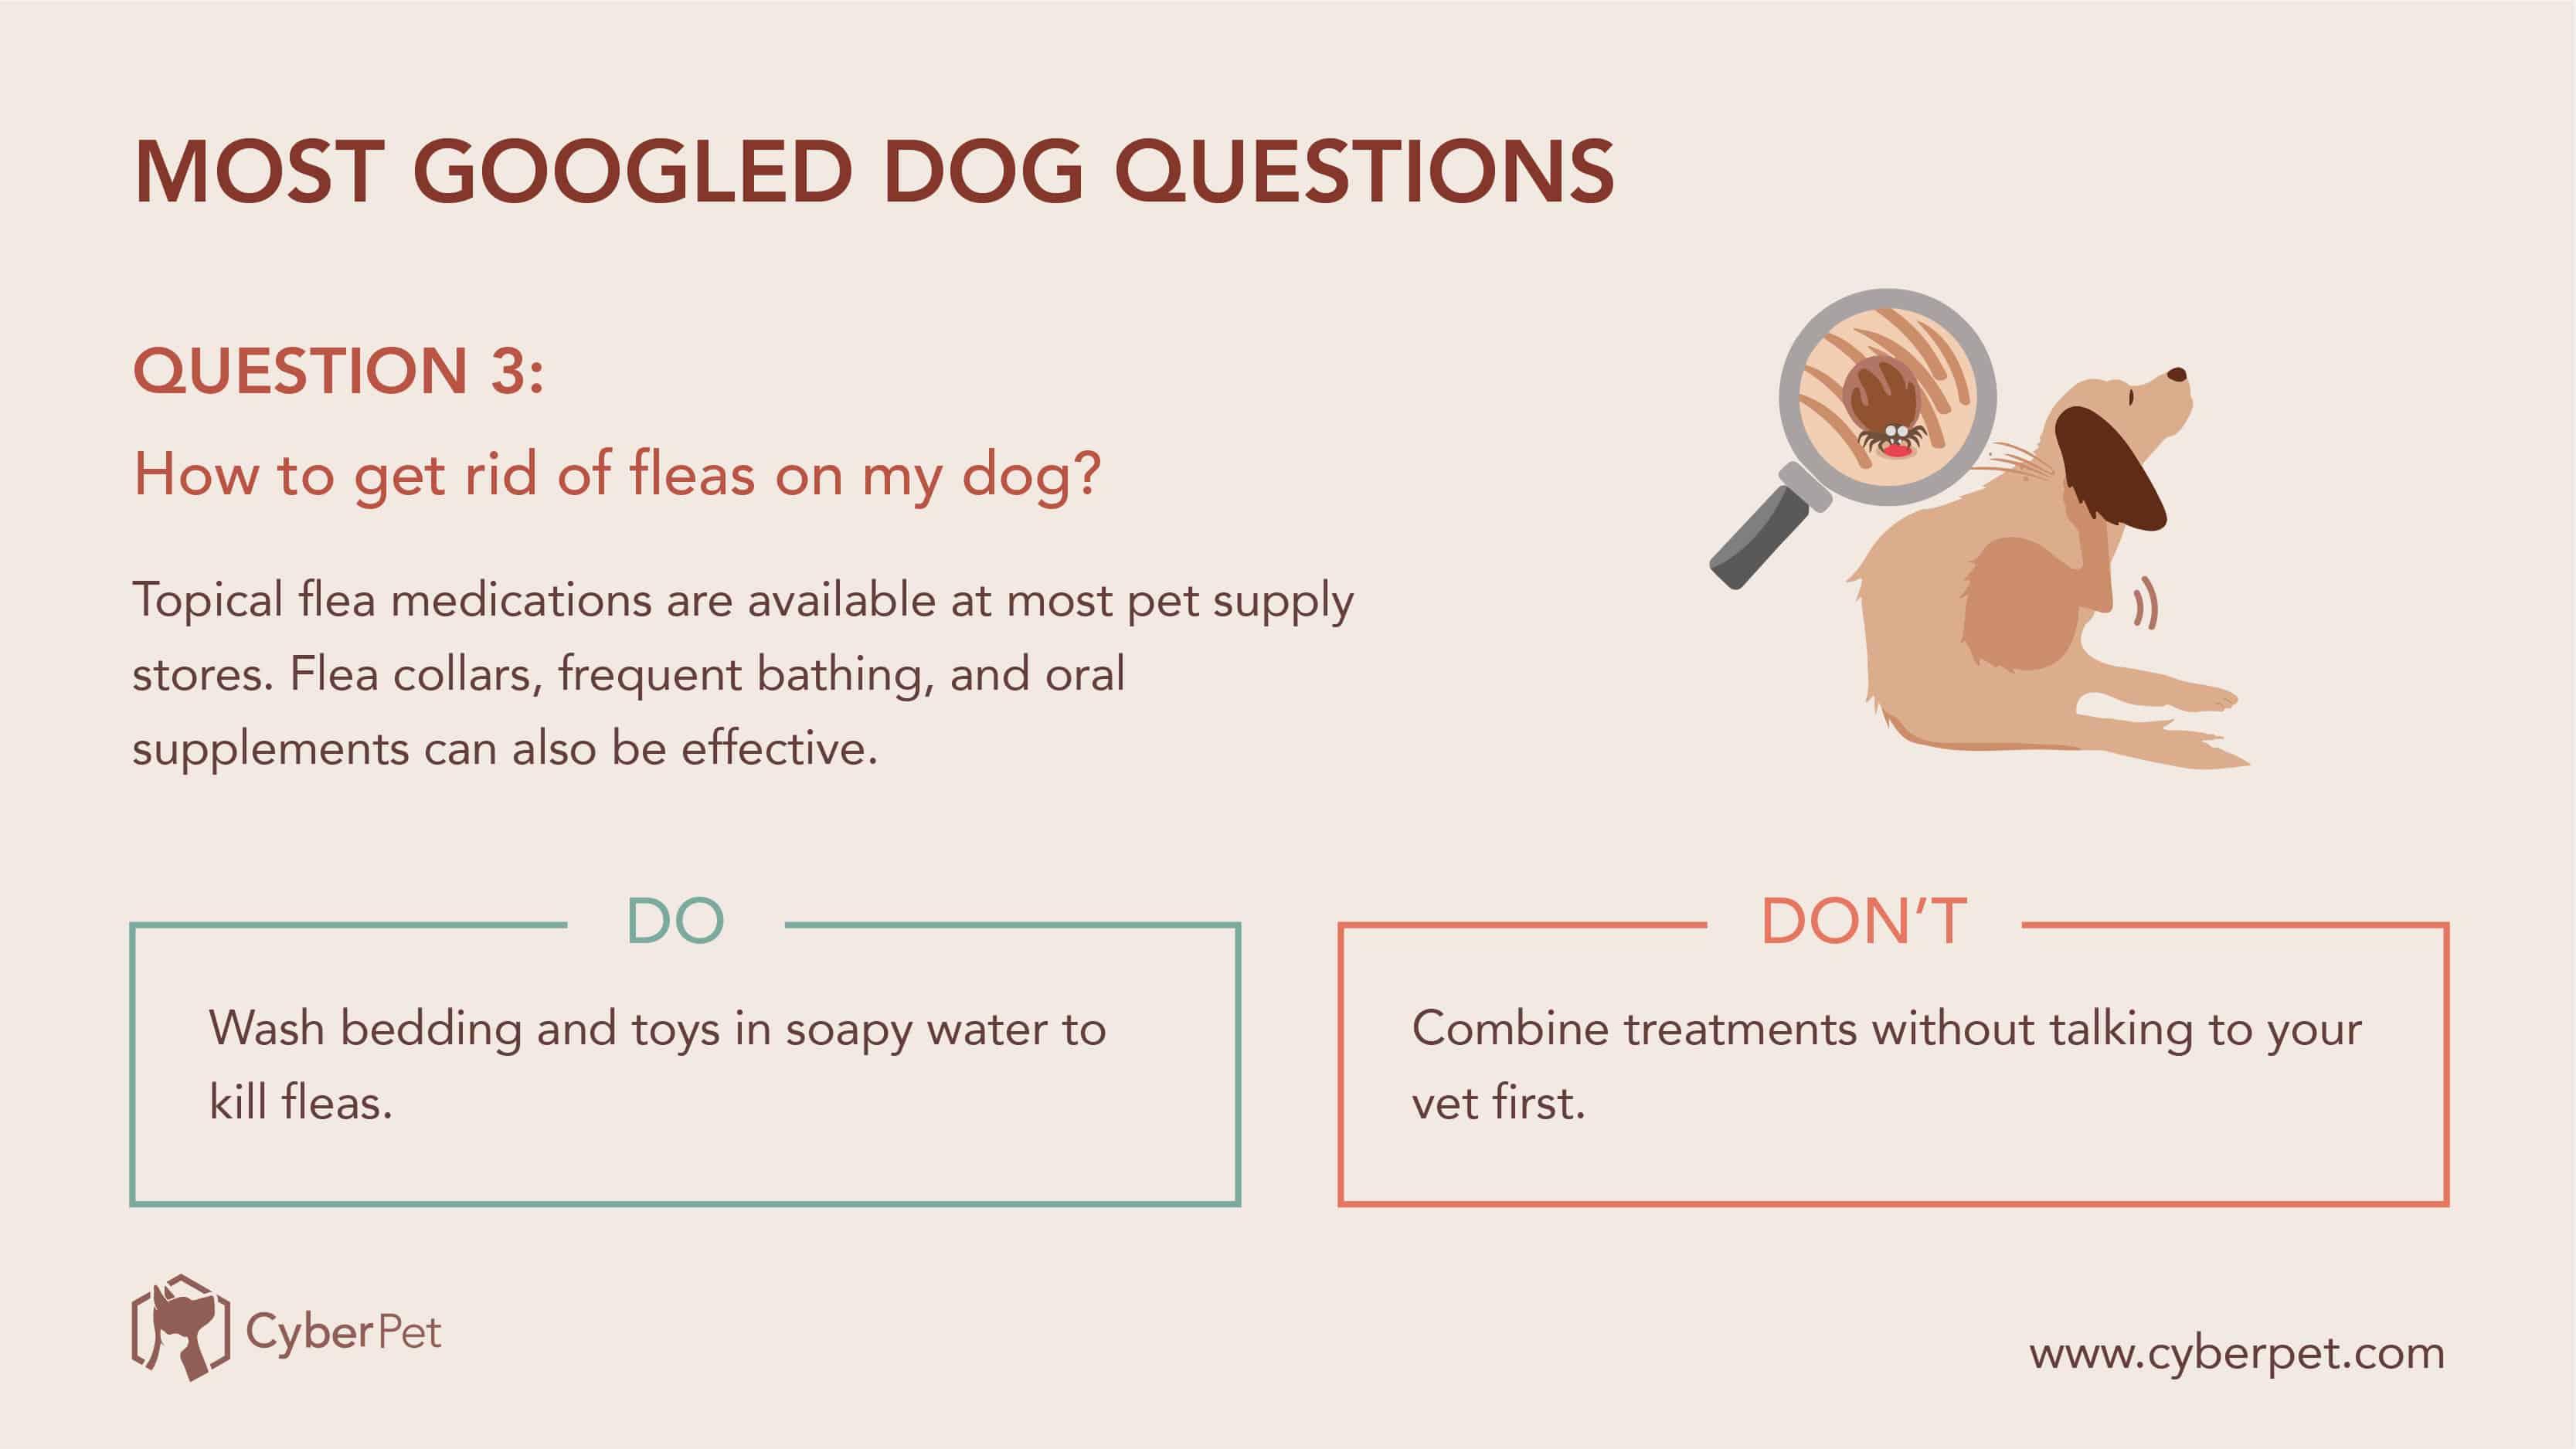 10 Most-Googled Dog Questions - Q3